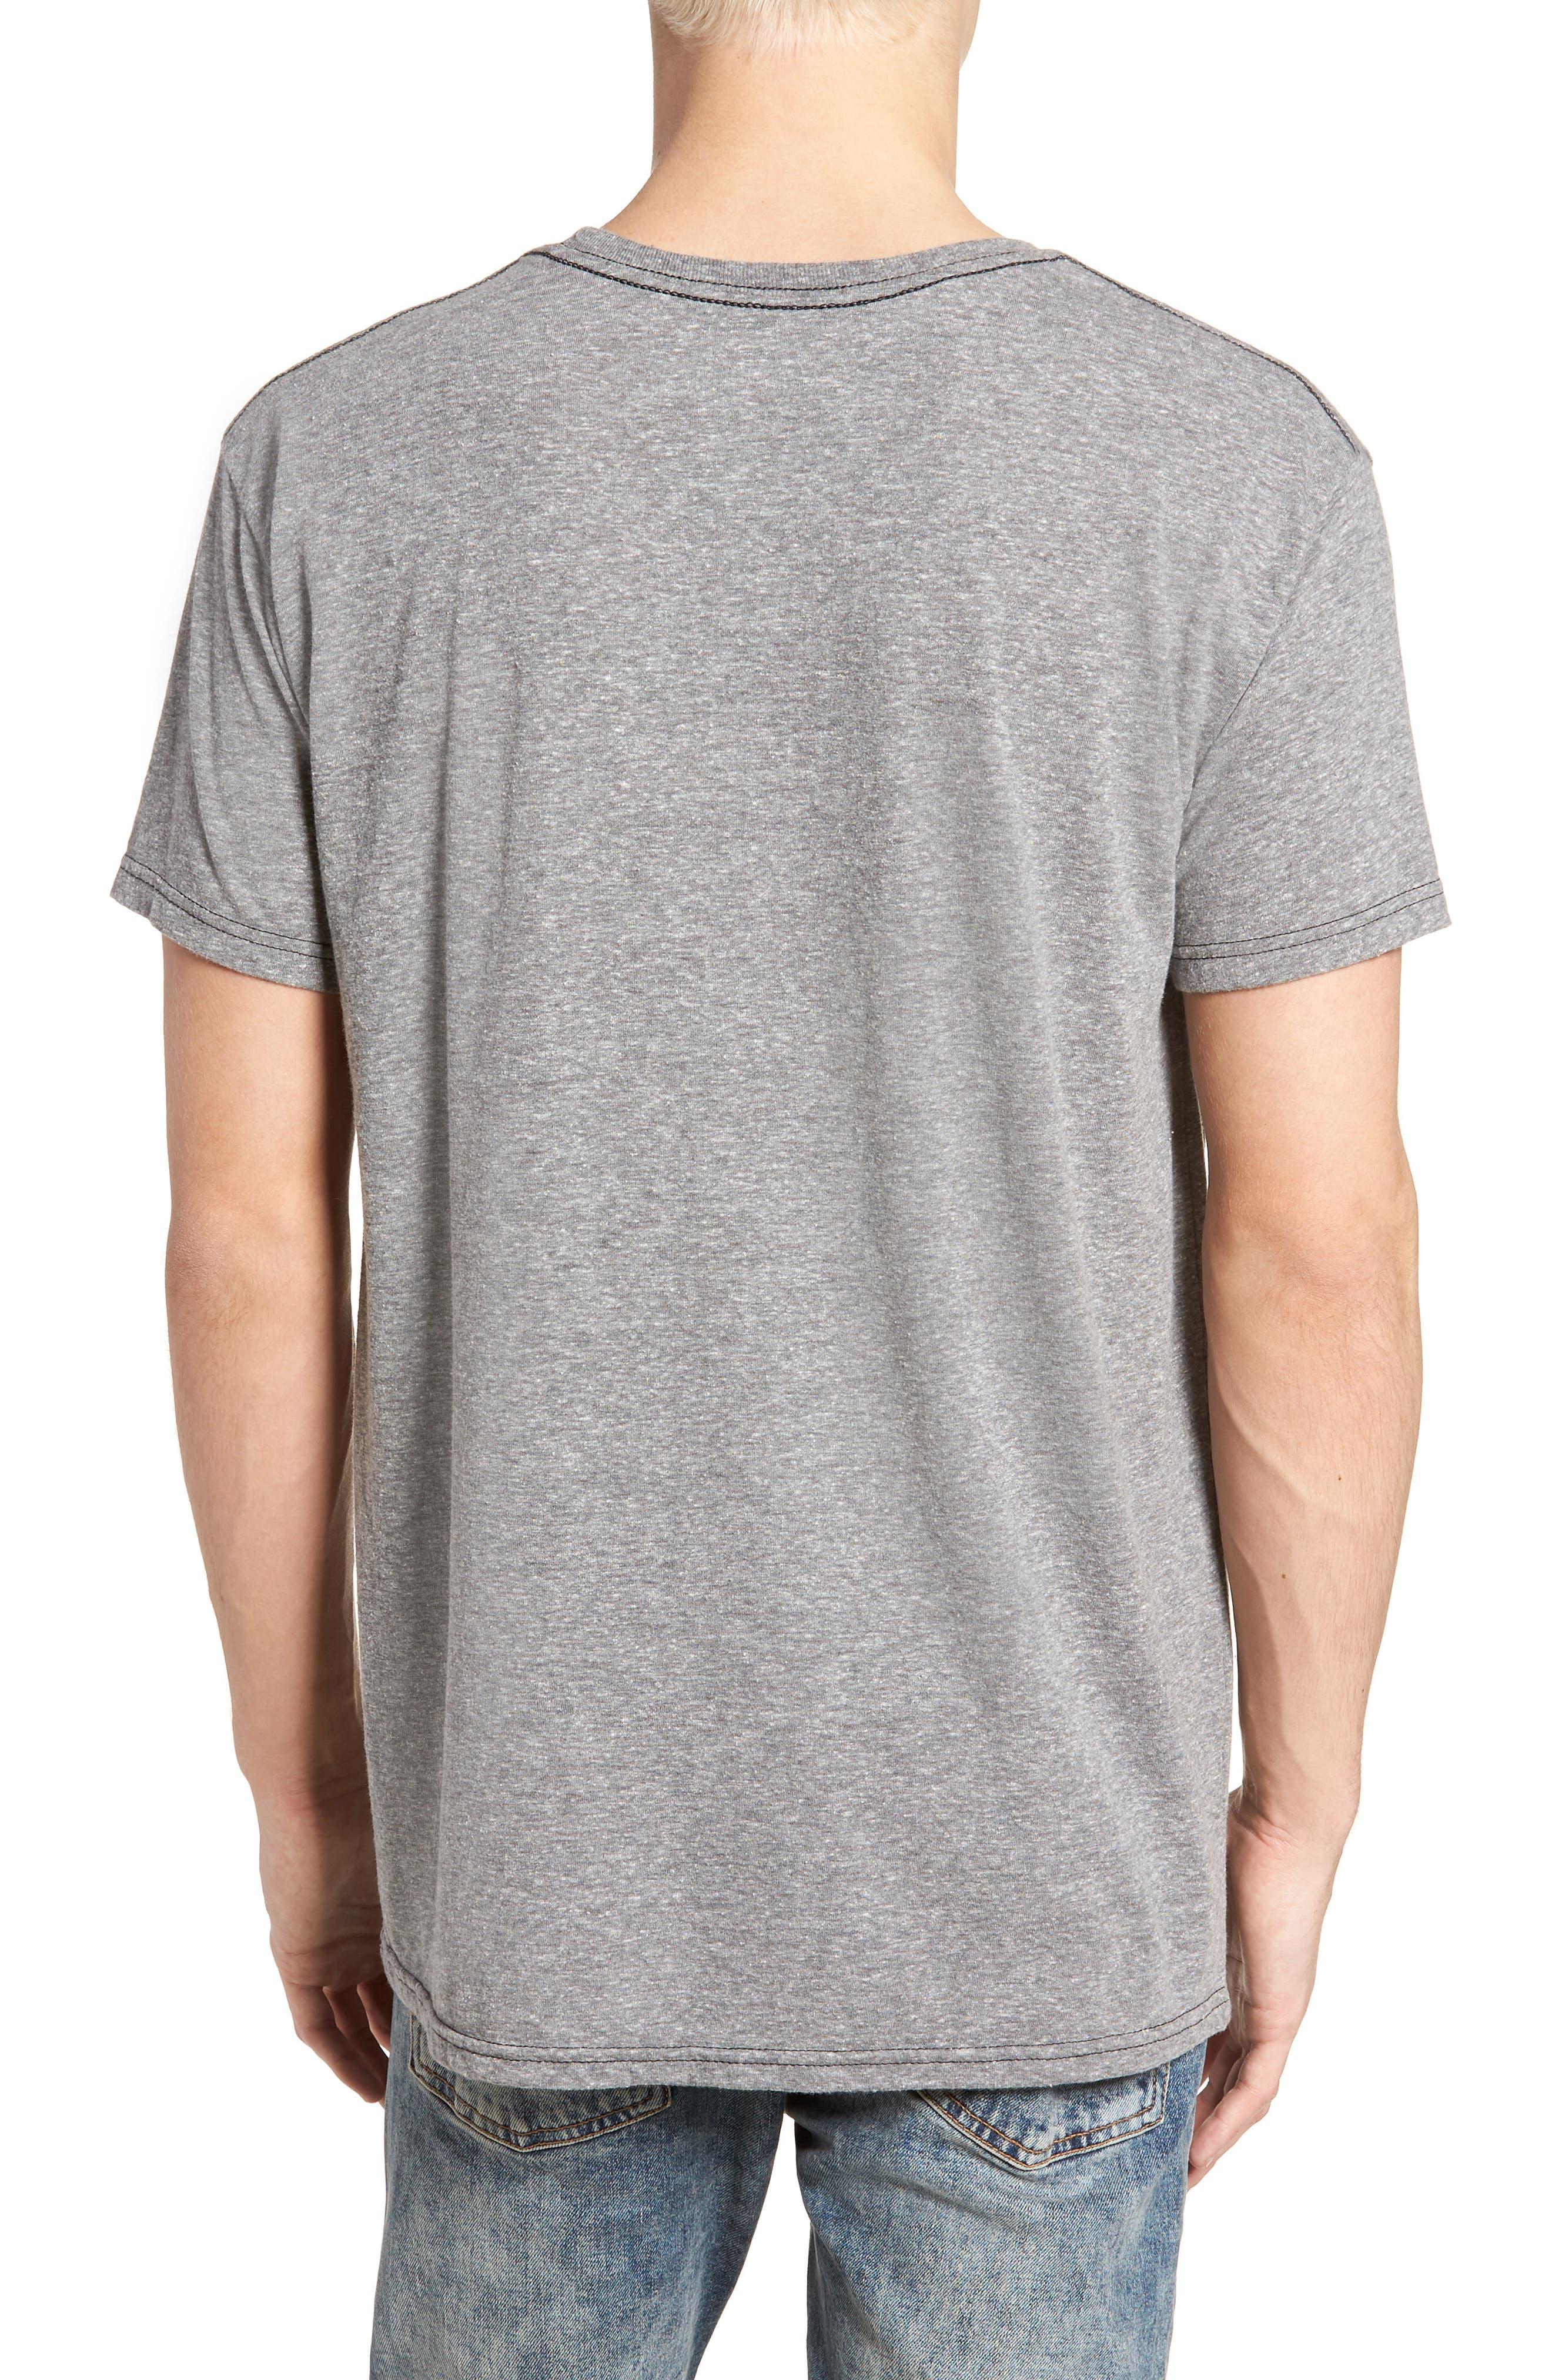 Alternate Image 2  - Retro Brand Weekend Warrior T-Shirt